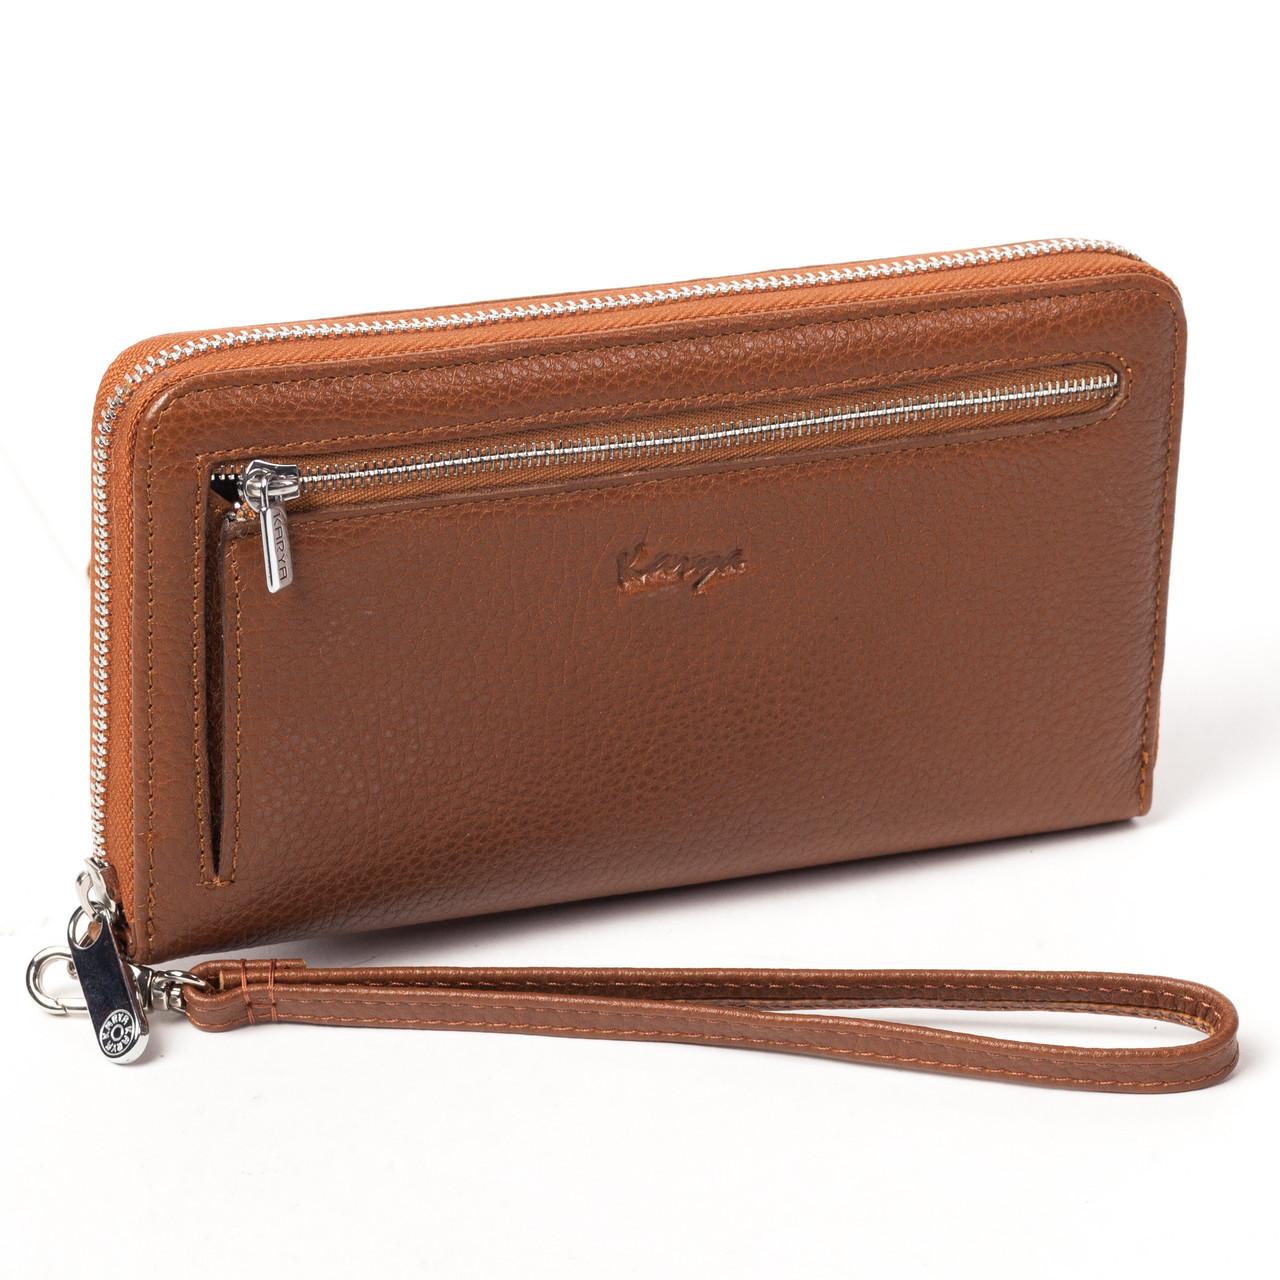 7b5e1a05a1e1 Купить сейчас - Клатч-кошелек Karya 0706-38 мужской кожаный ...